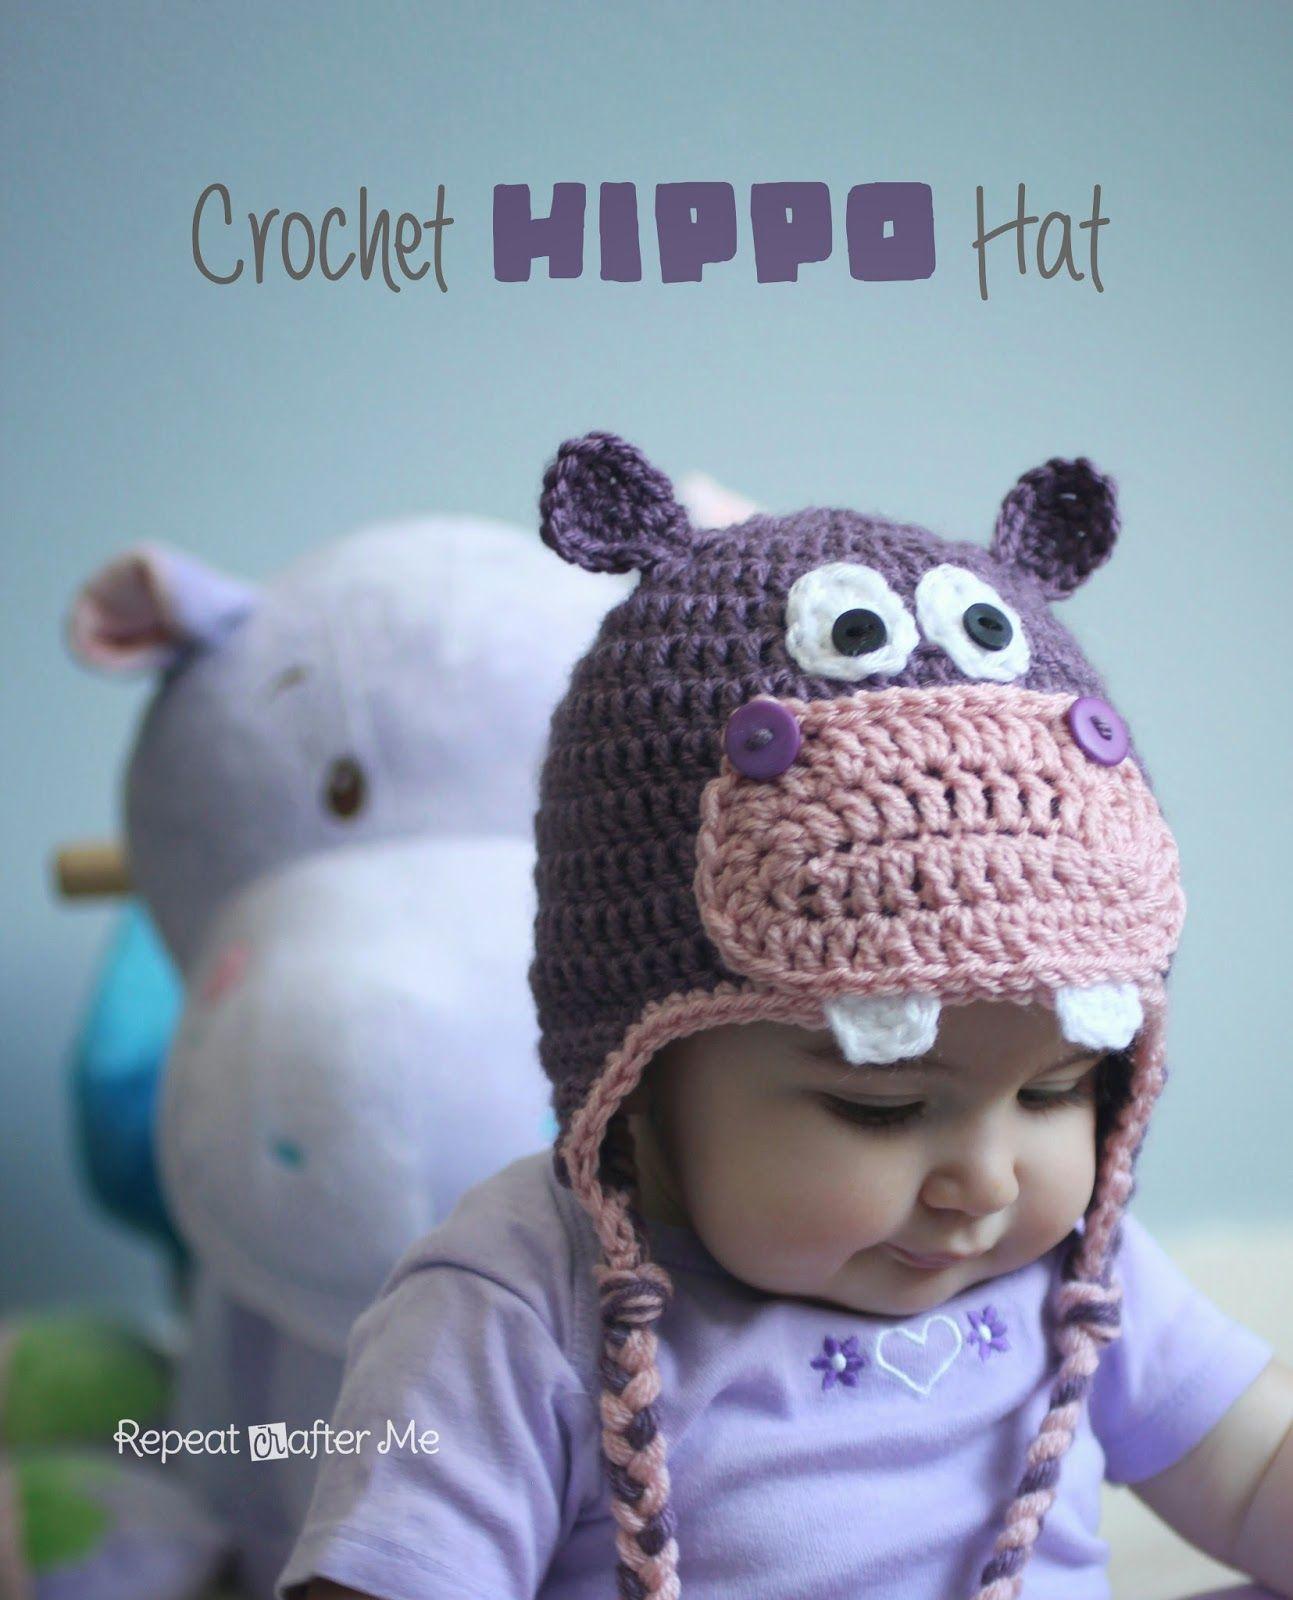 Crochet Hippo Hat Pattern | El invierno, Gorros y Gorros para bebés